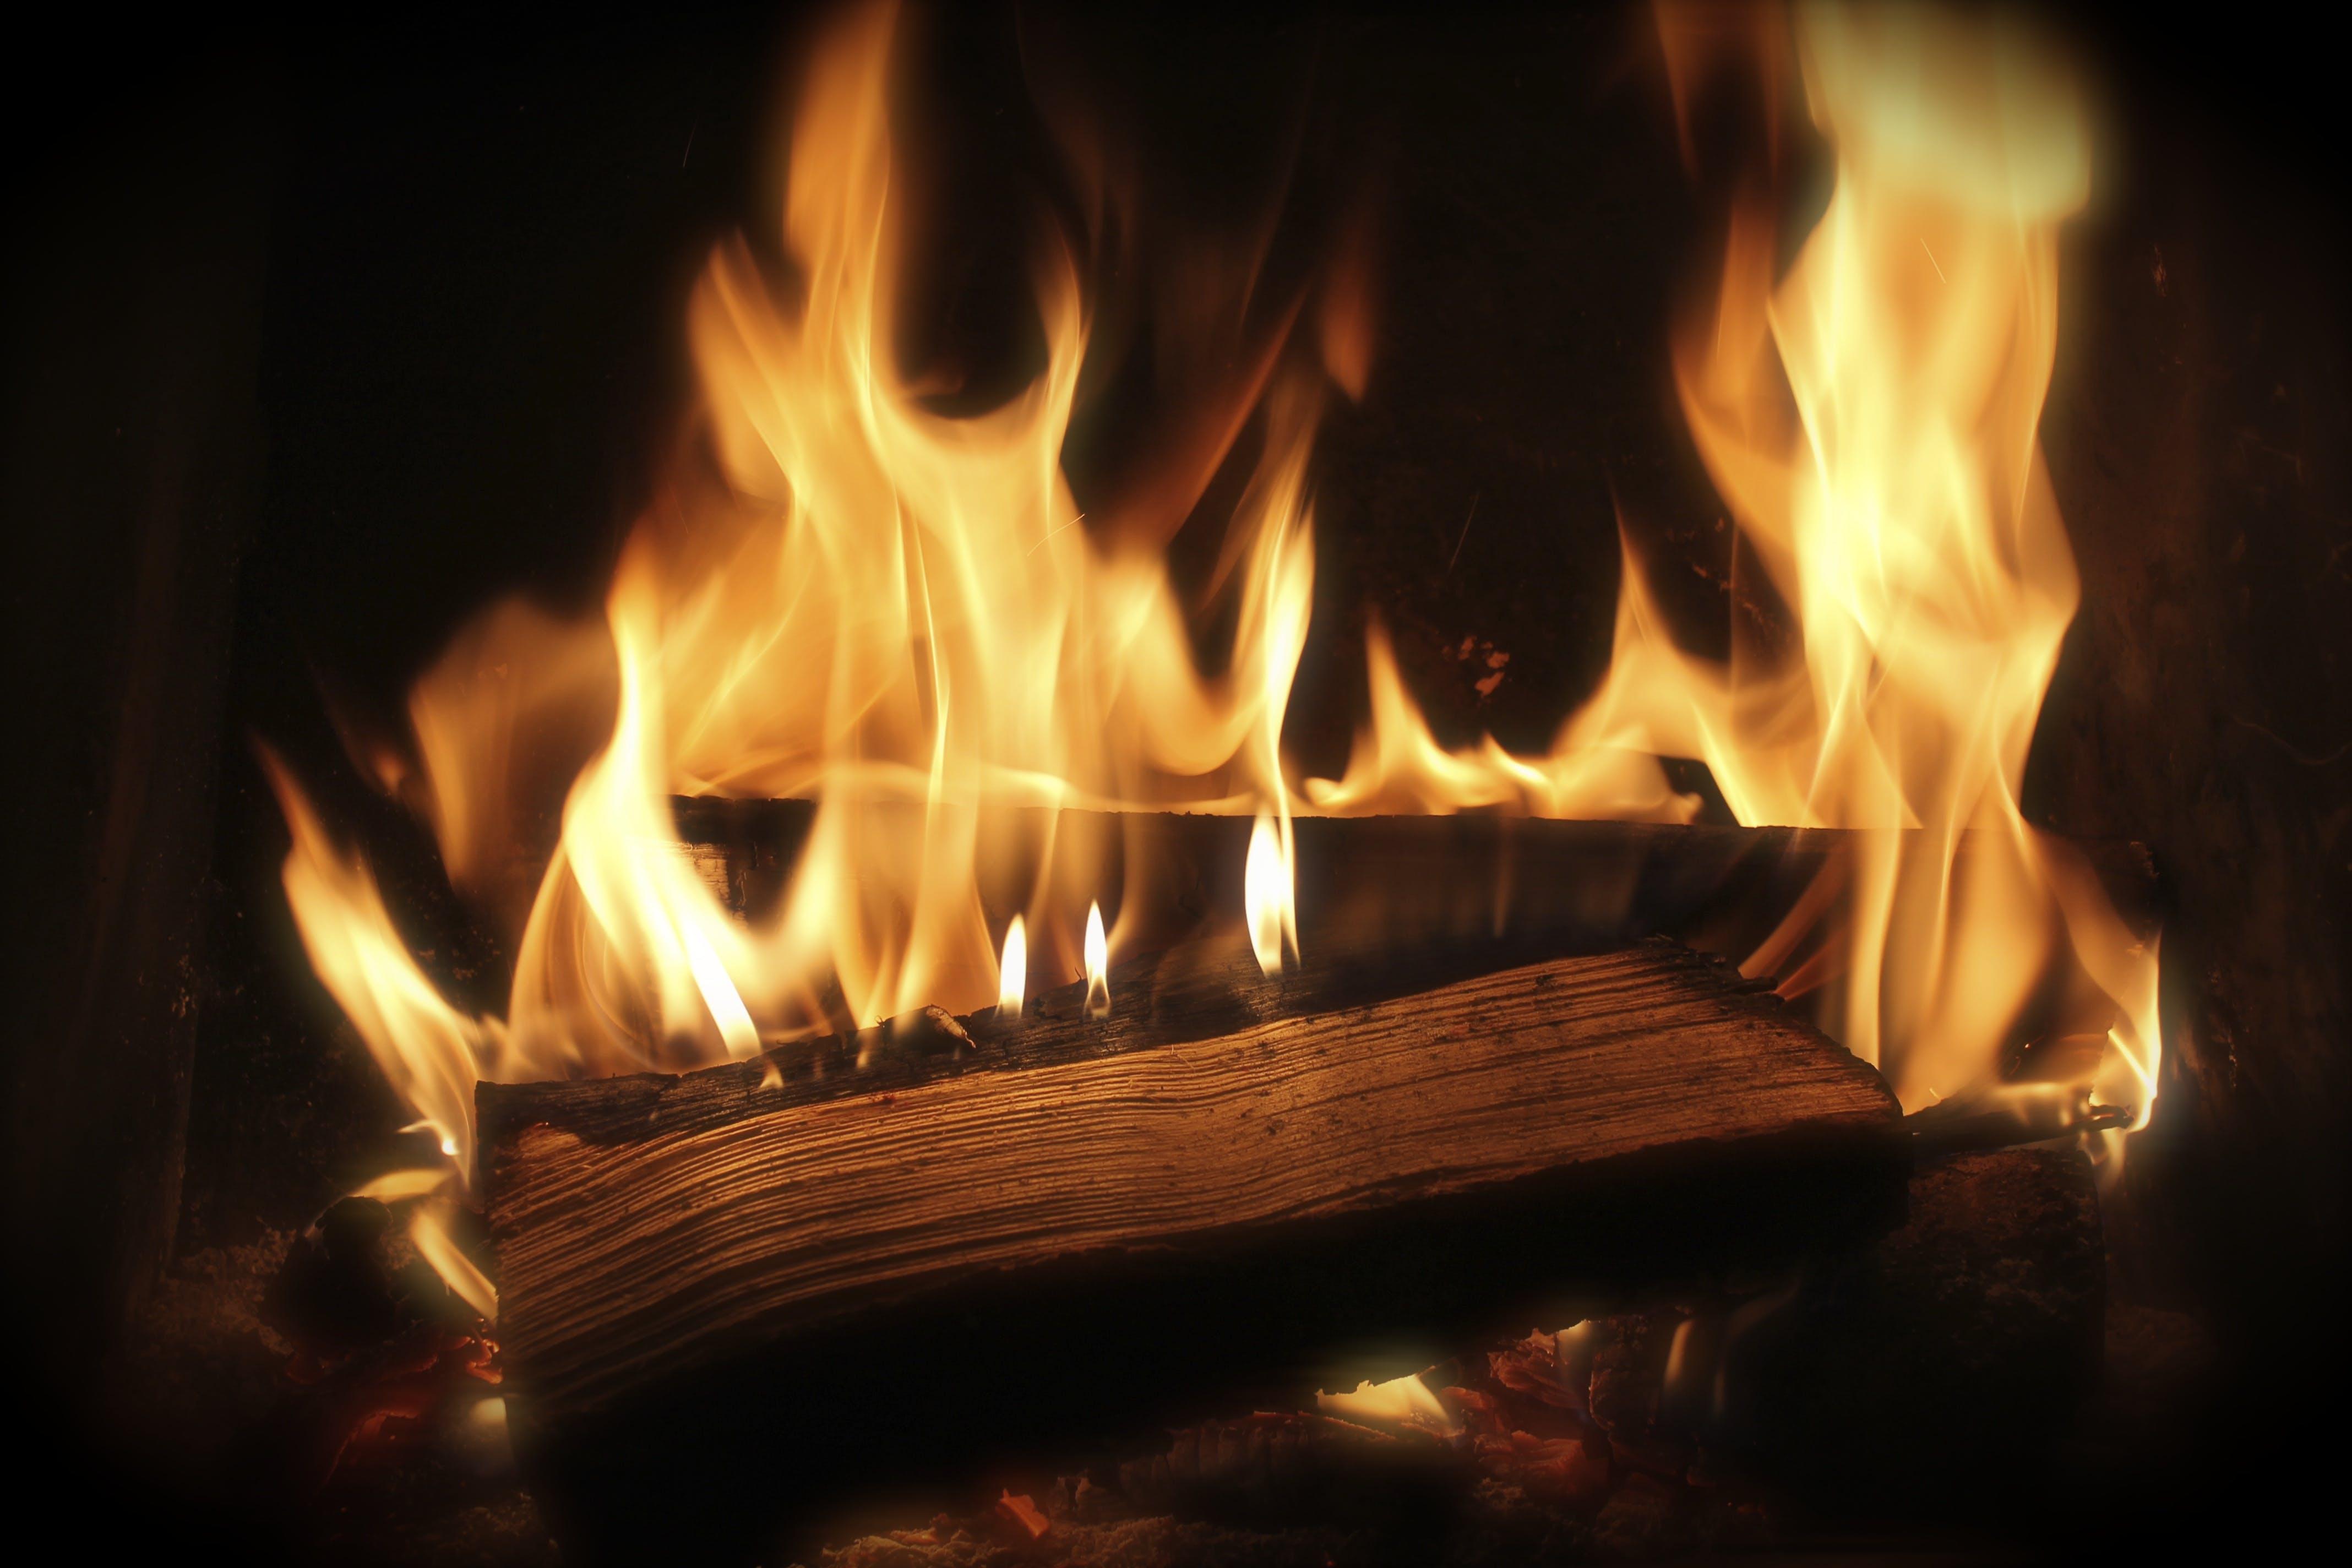 calor, chimenea, fuego